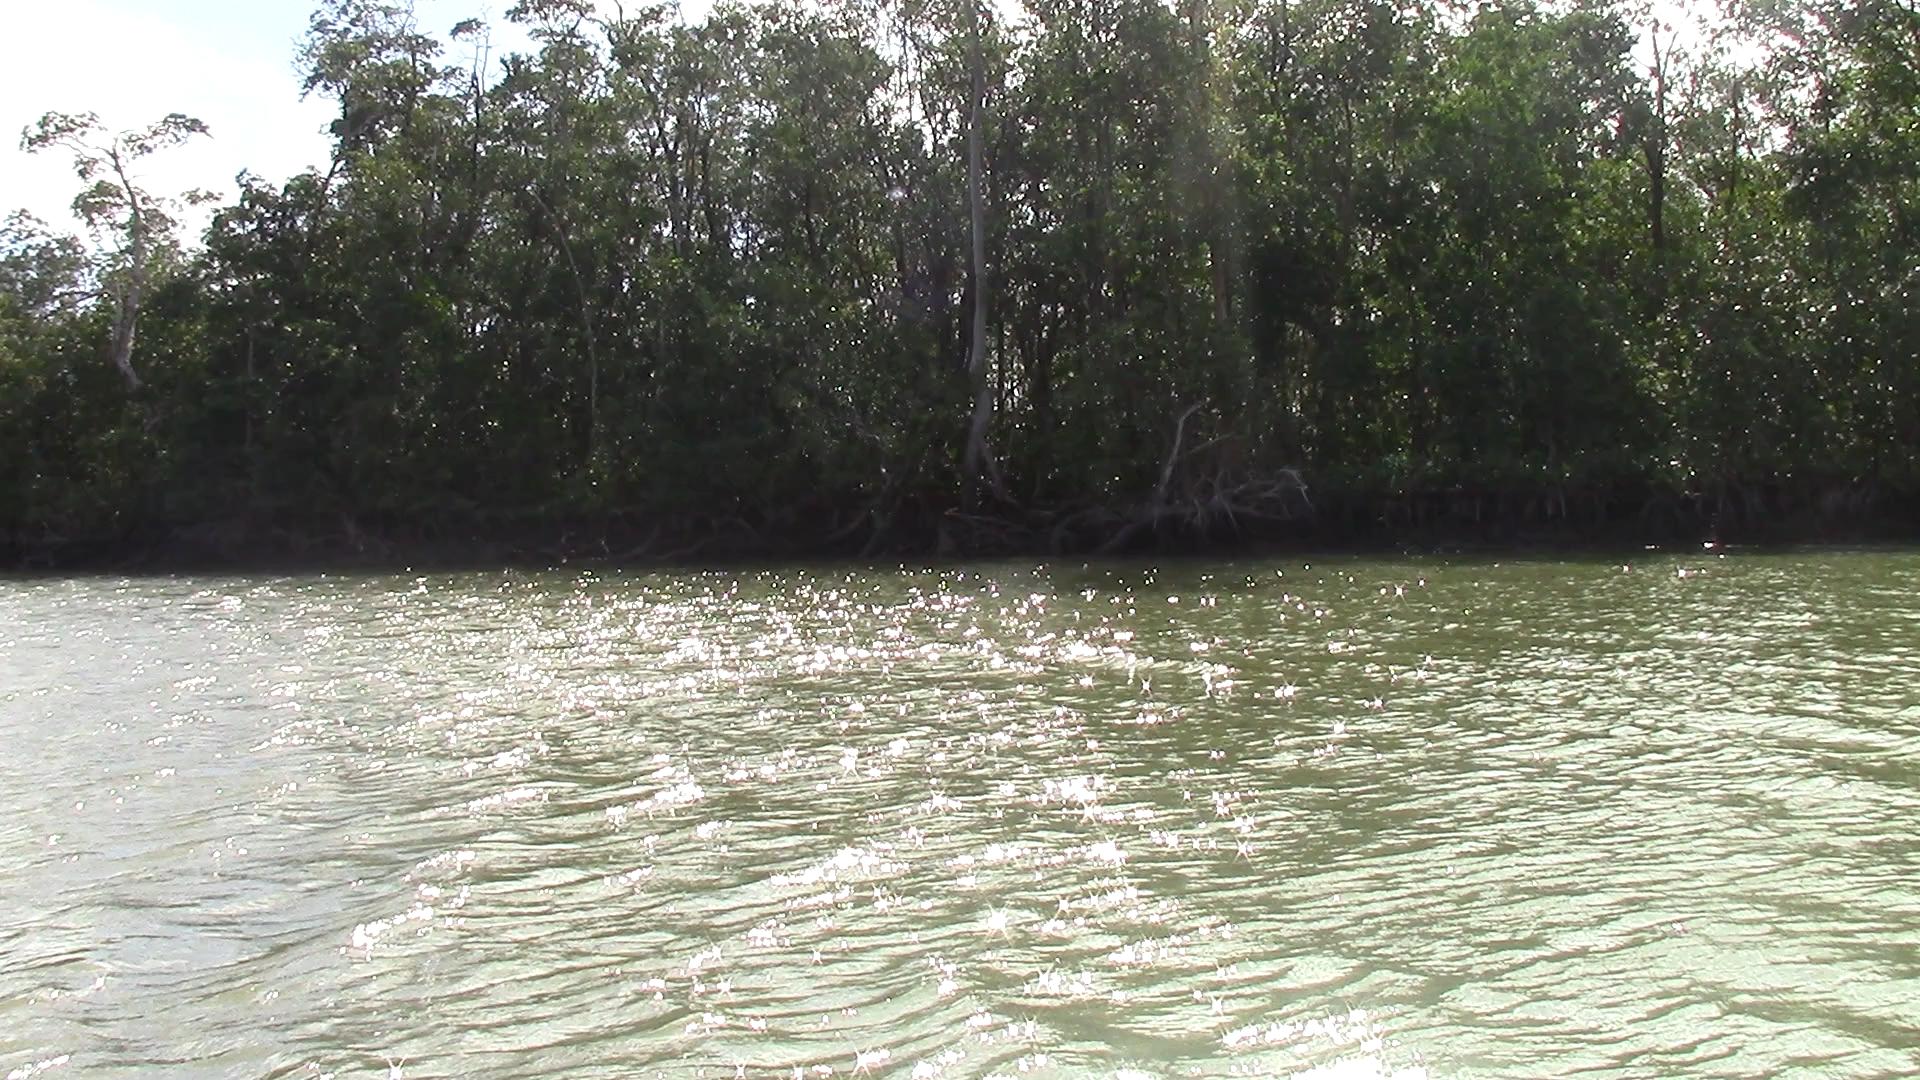 Mangroves for miles.